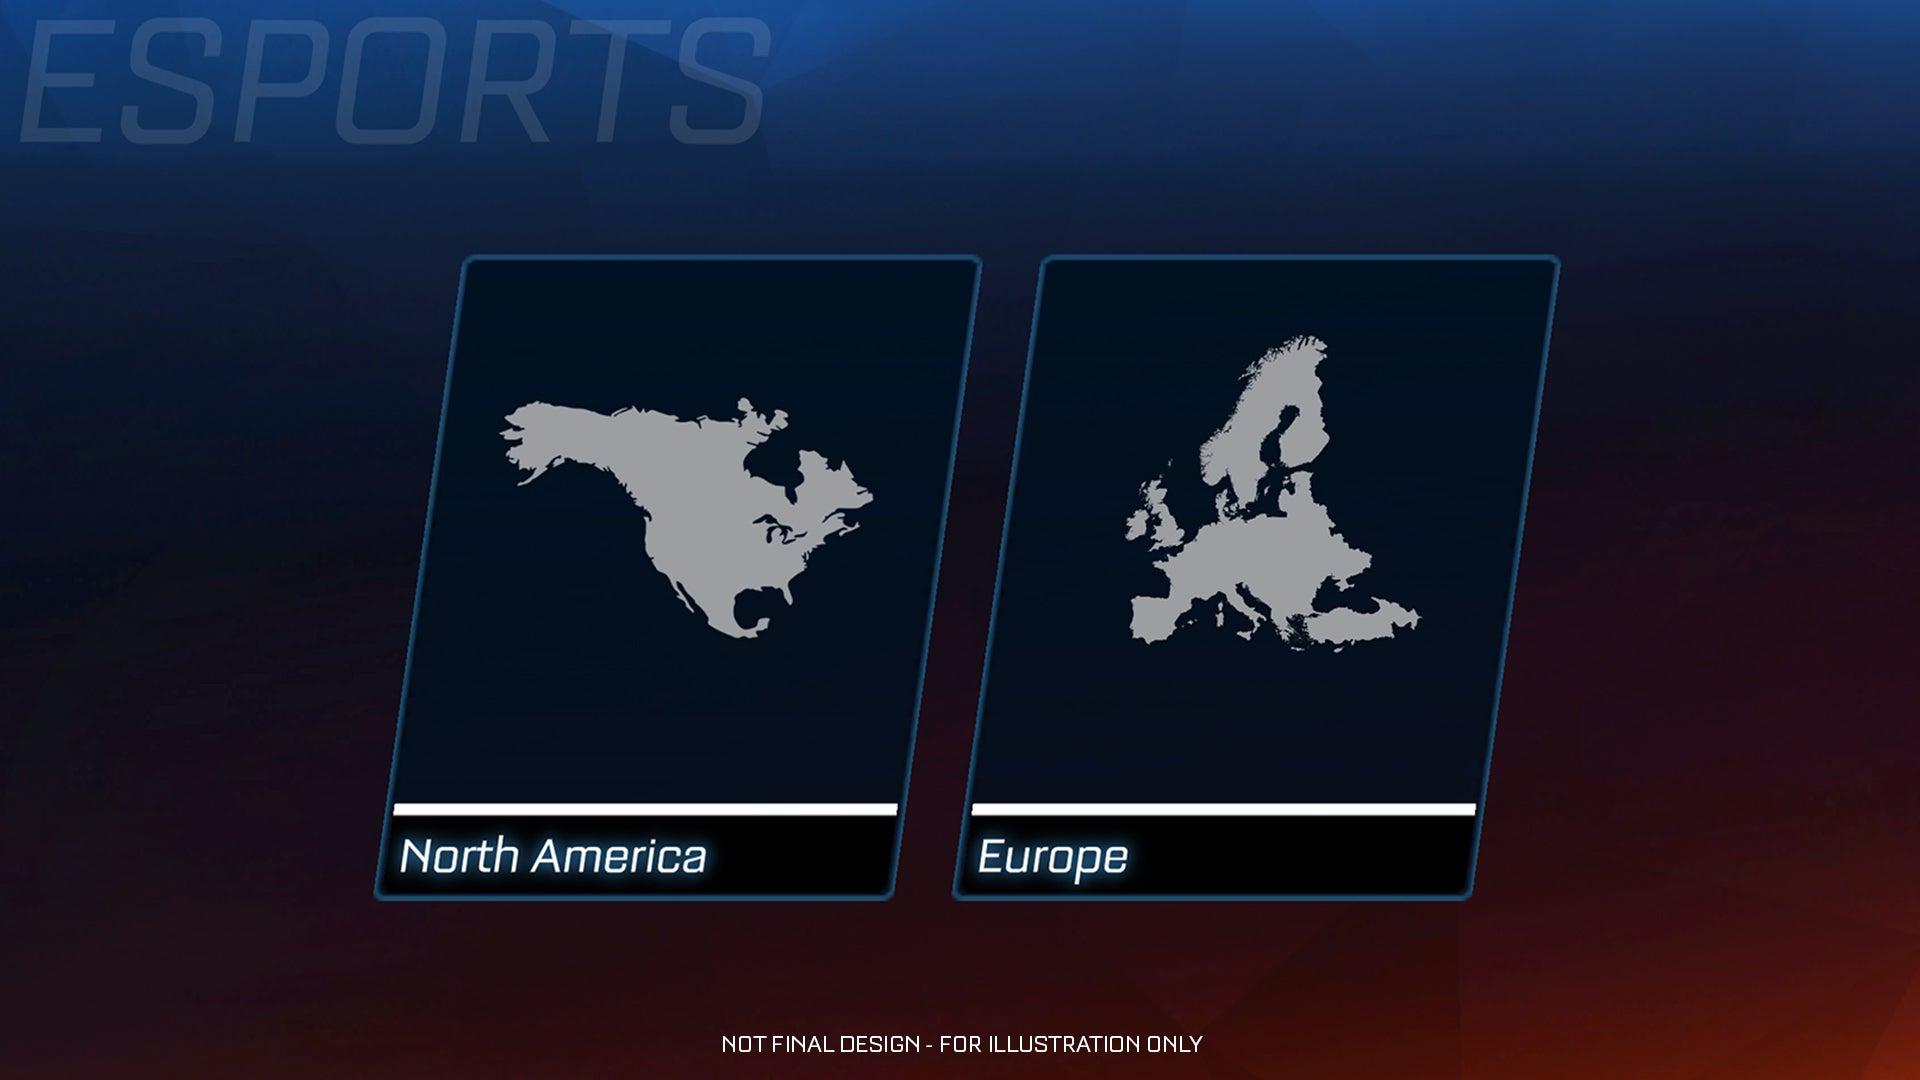 New Esports Shop